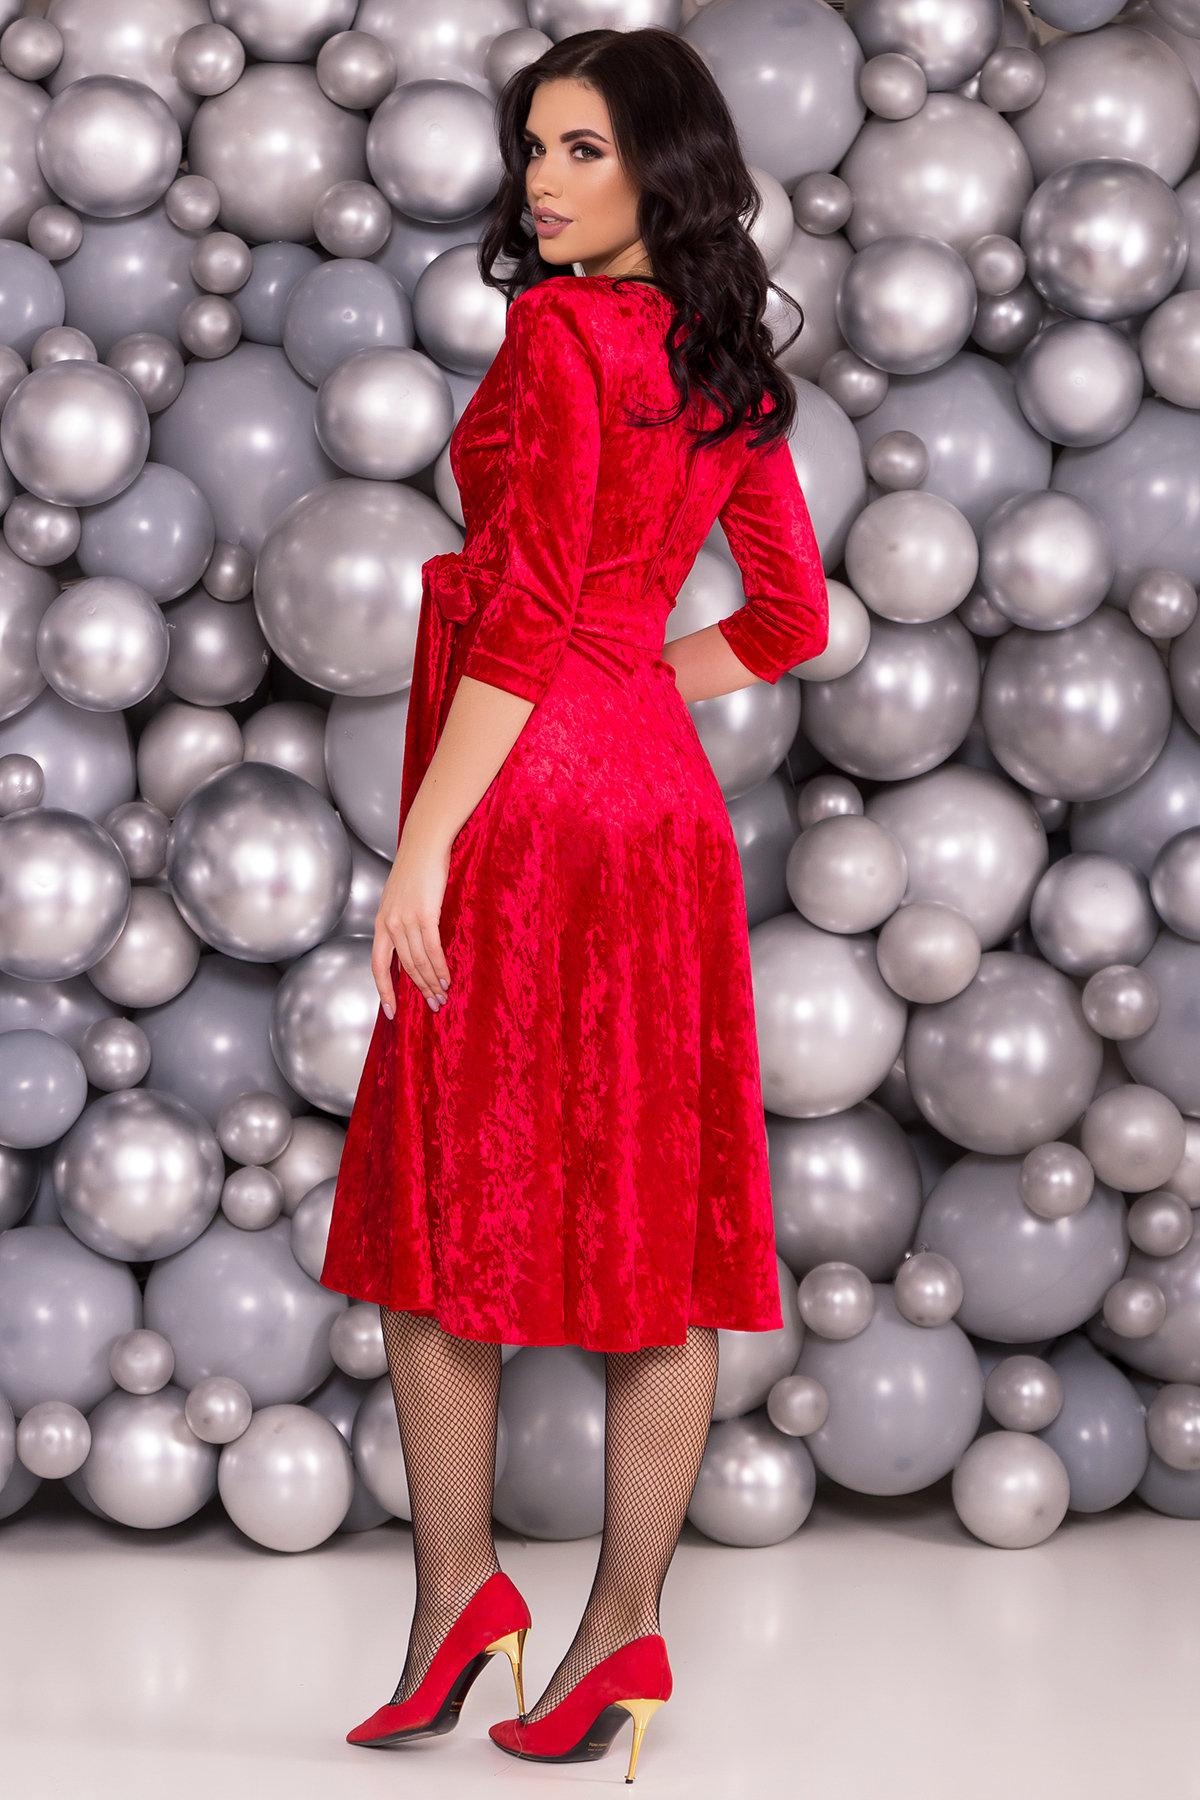 Платье миди Келли 6094 АРТ. 40793 Цвет: Красный - фото 2, интернет магазин tm-modus.ru